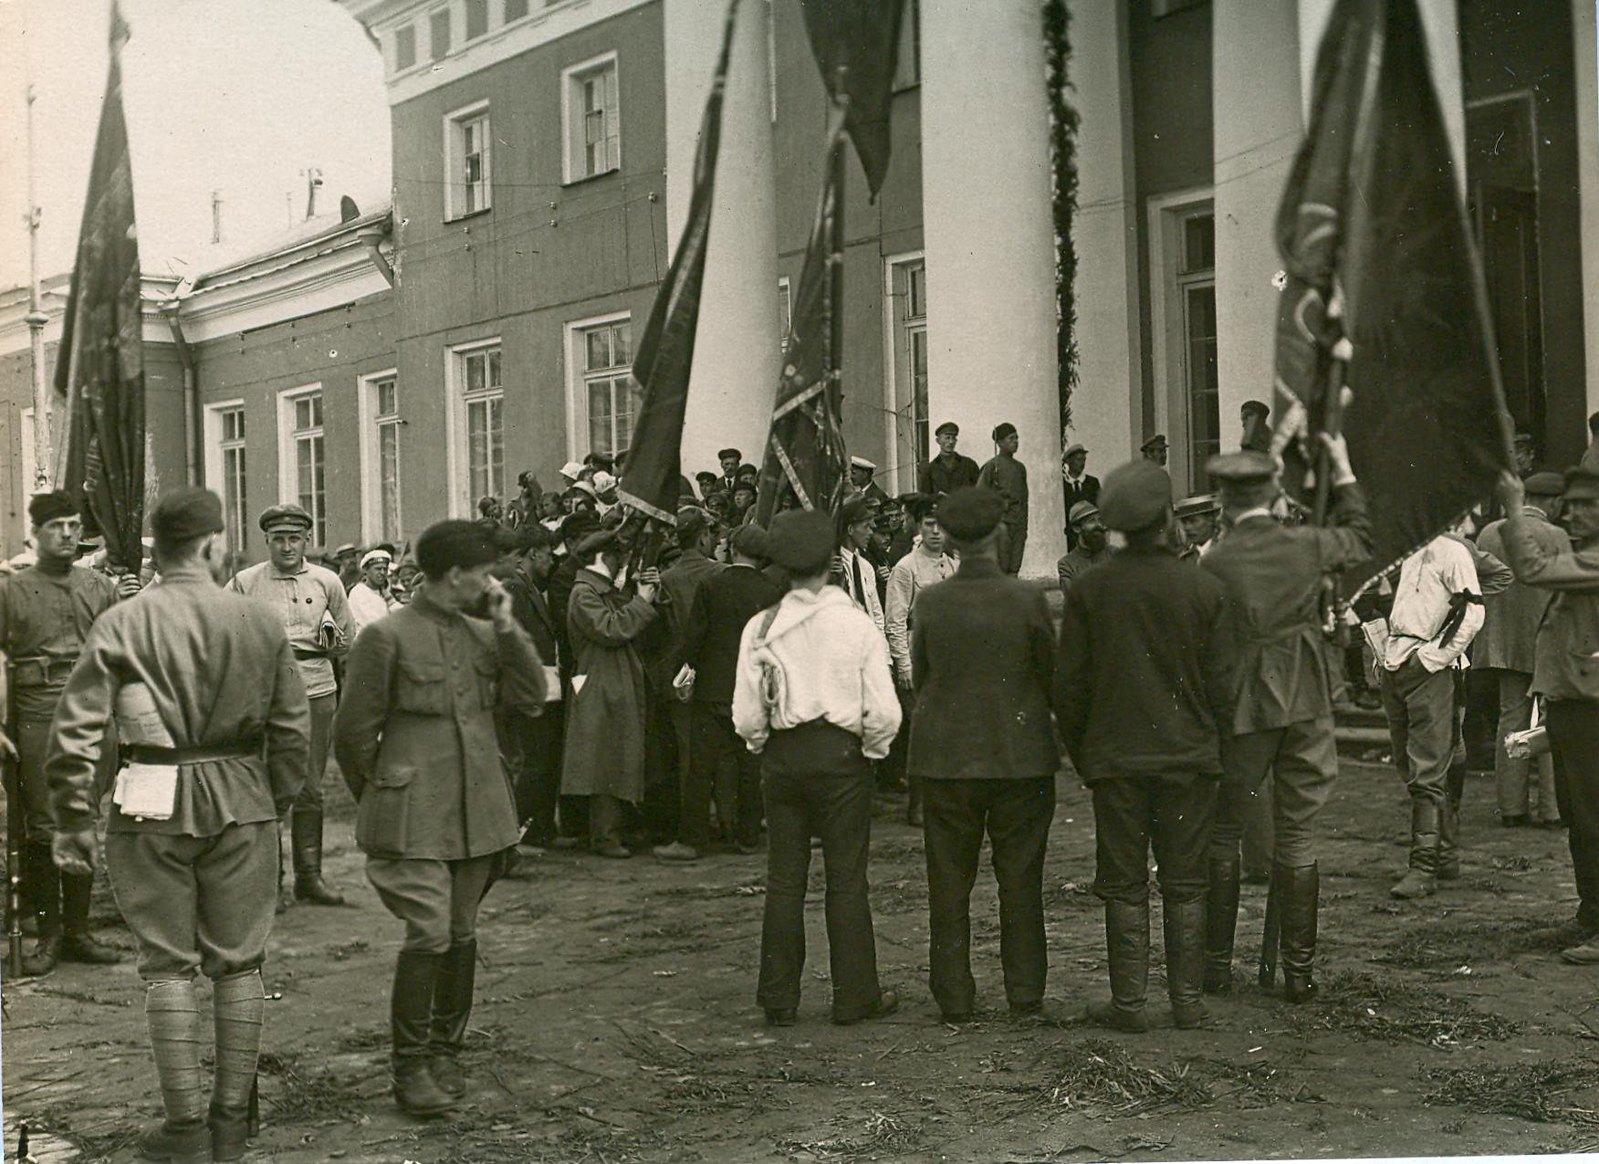 07. 1920. 19 июля. У дворца Урицкого  в день торжественного открытия II конгресса Коминтерна